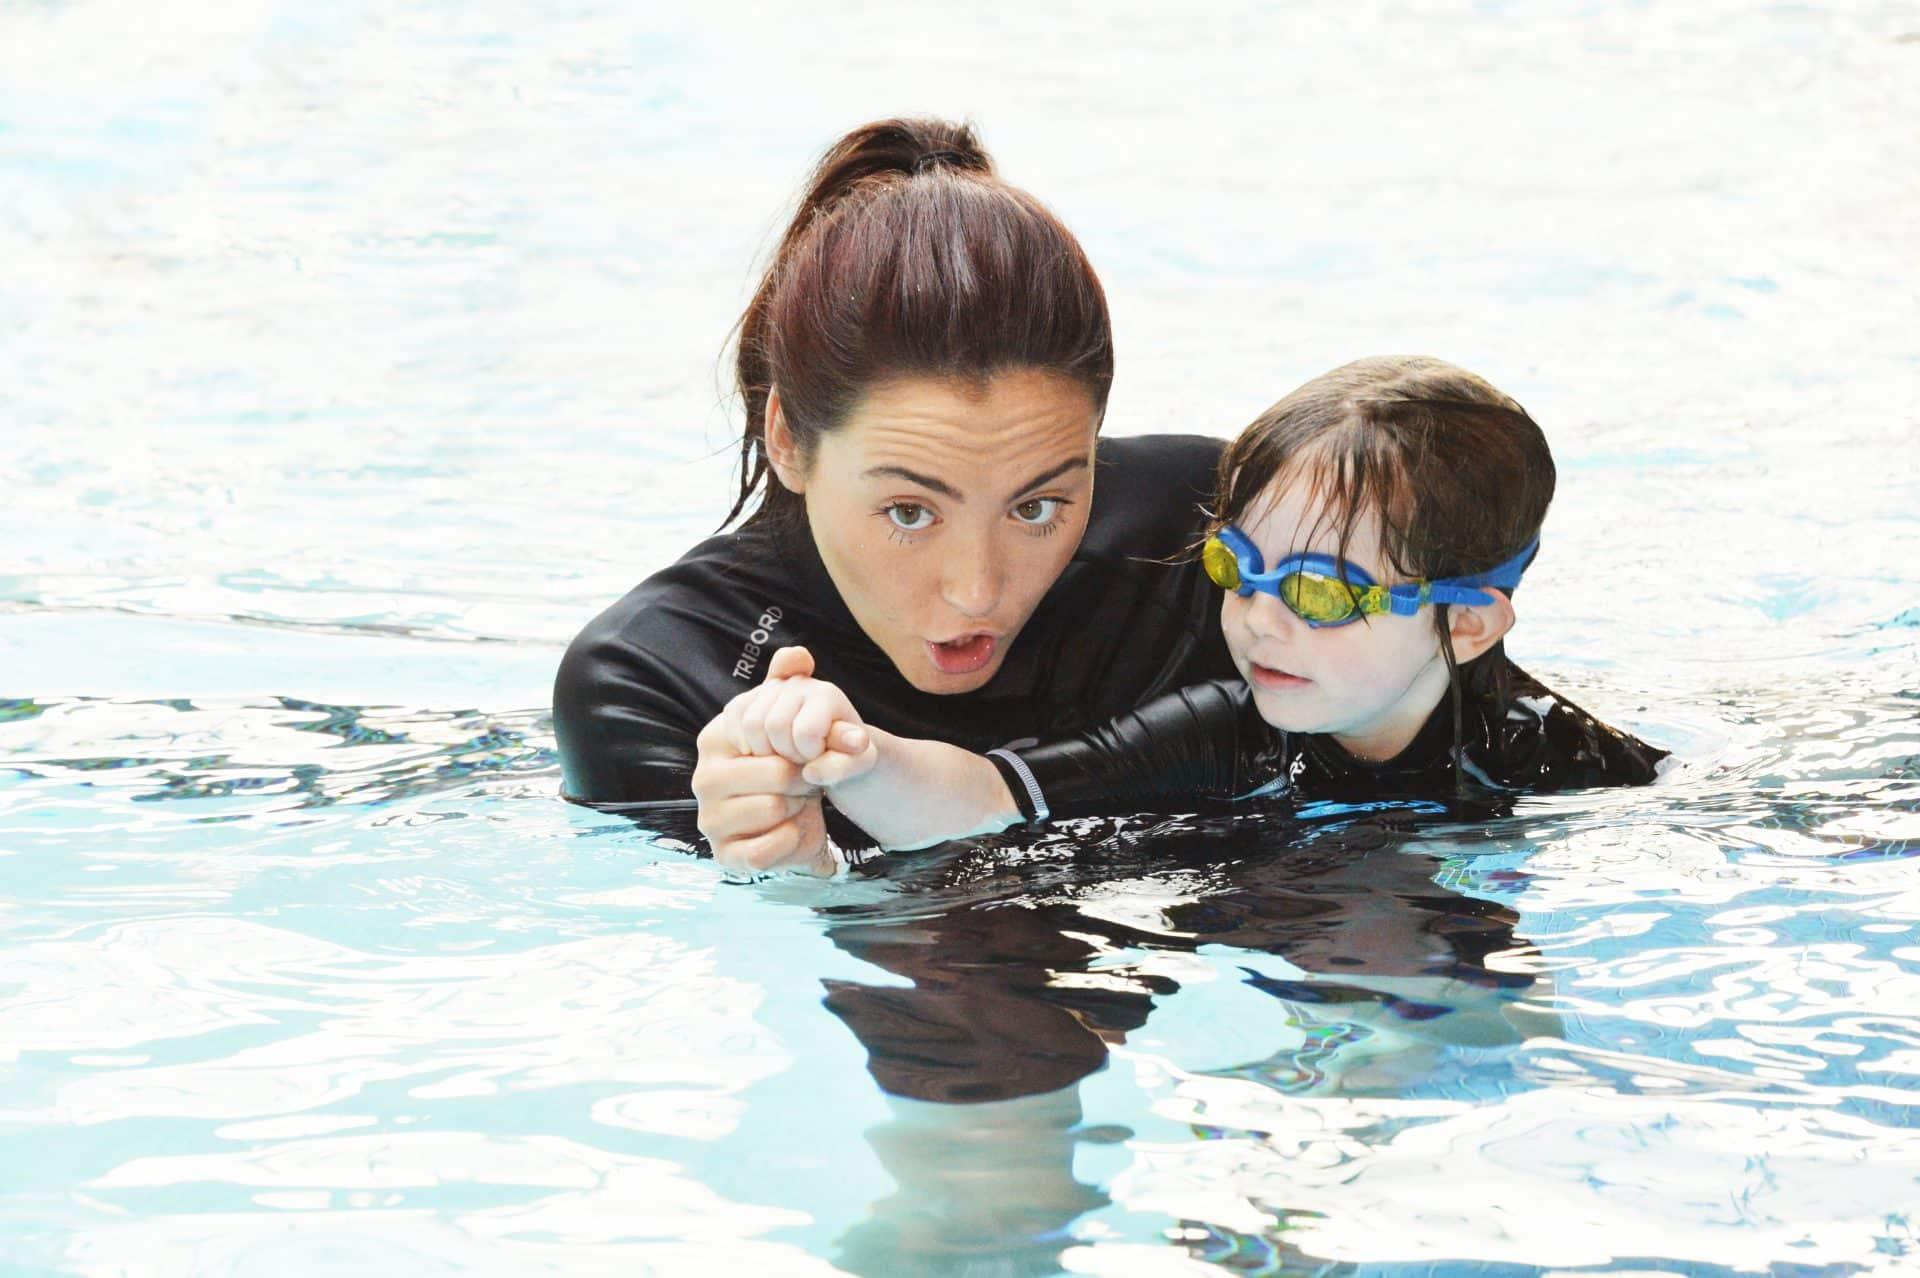 Trung tâm dạy bơi tốt nhất Hà Nội